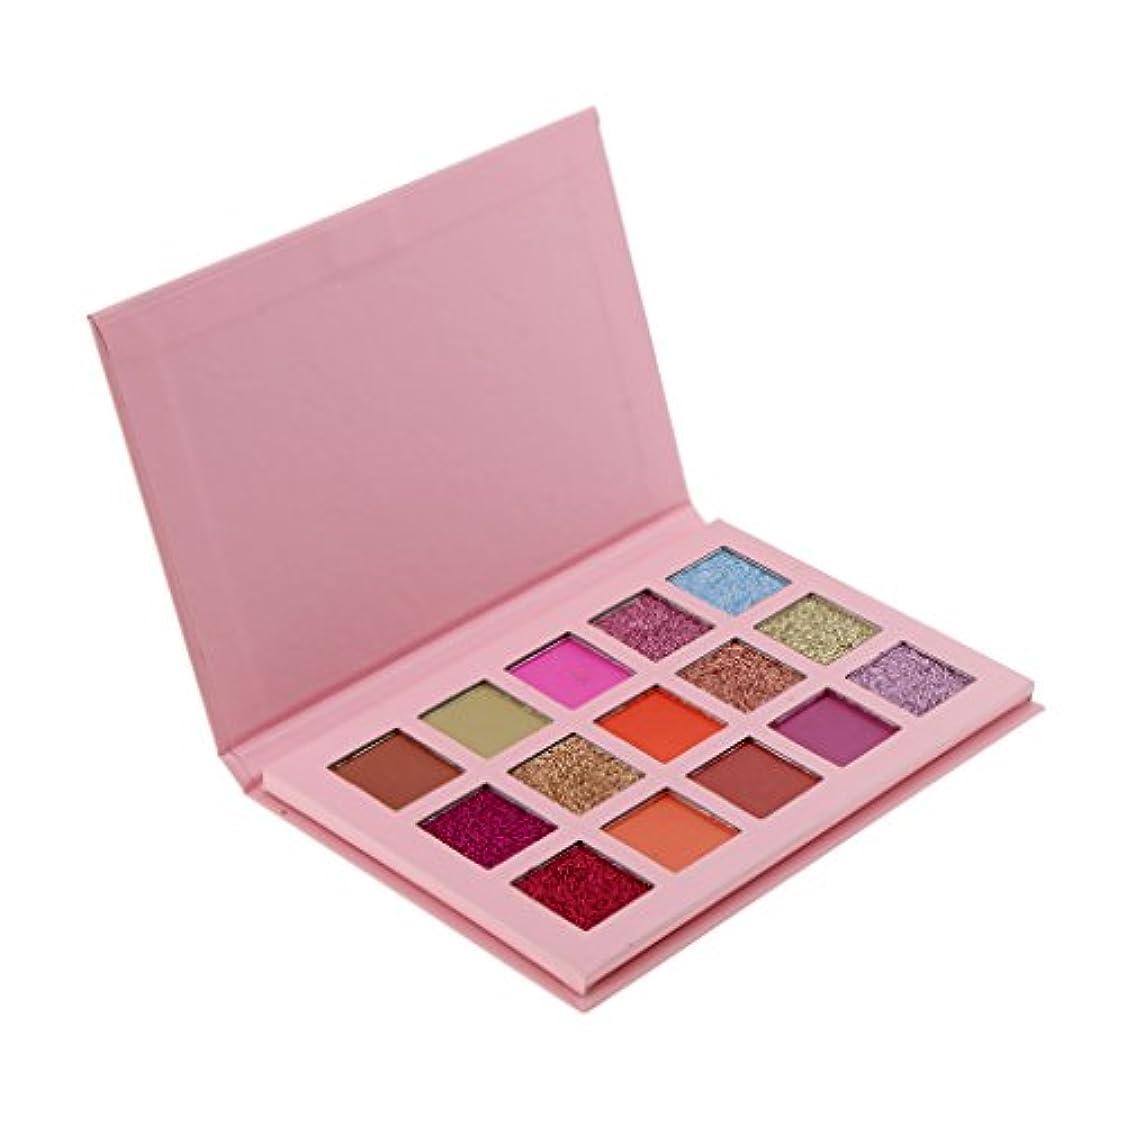 広告尊厳満たすT TOOYFUL アイシャドーパレット 15色 メイクアップパレット カラーメイク アイメイク 長持ち 高品質